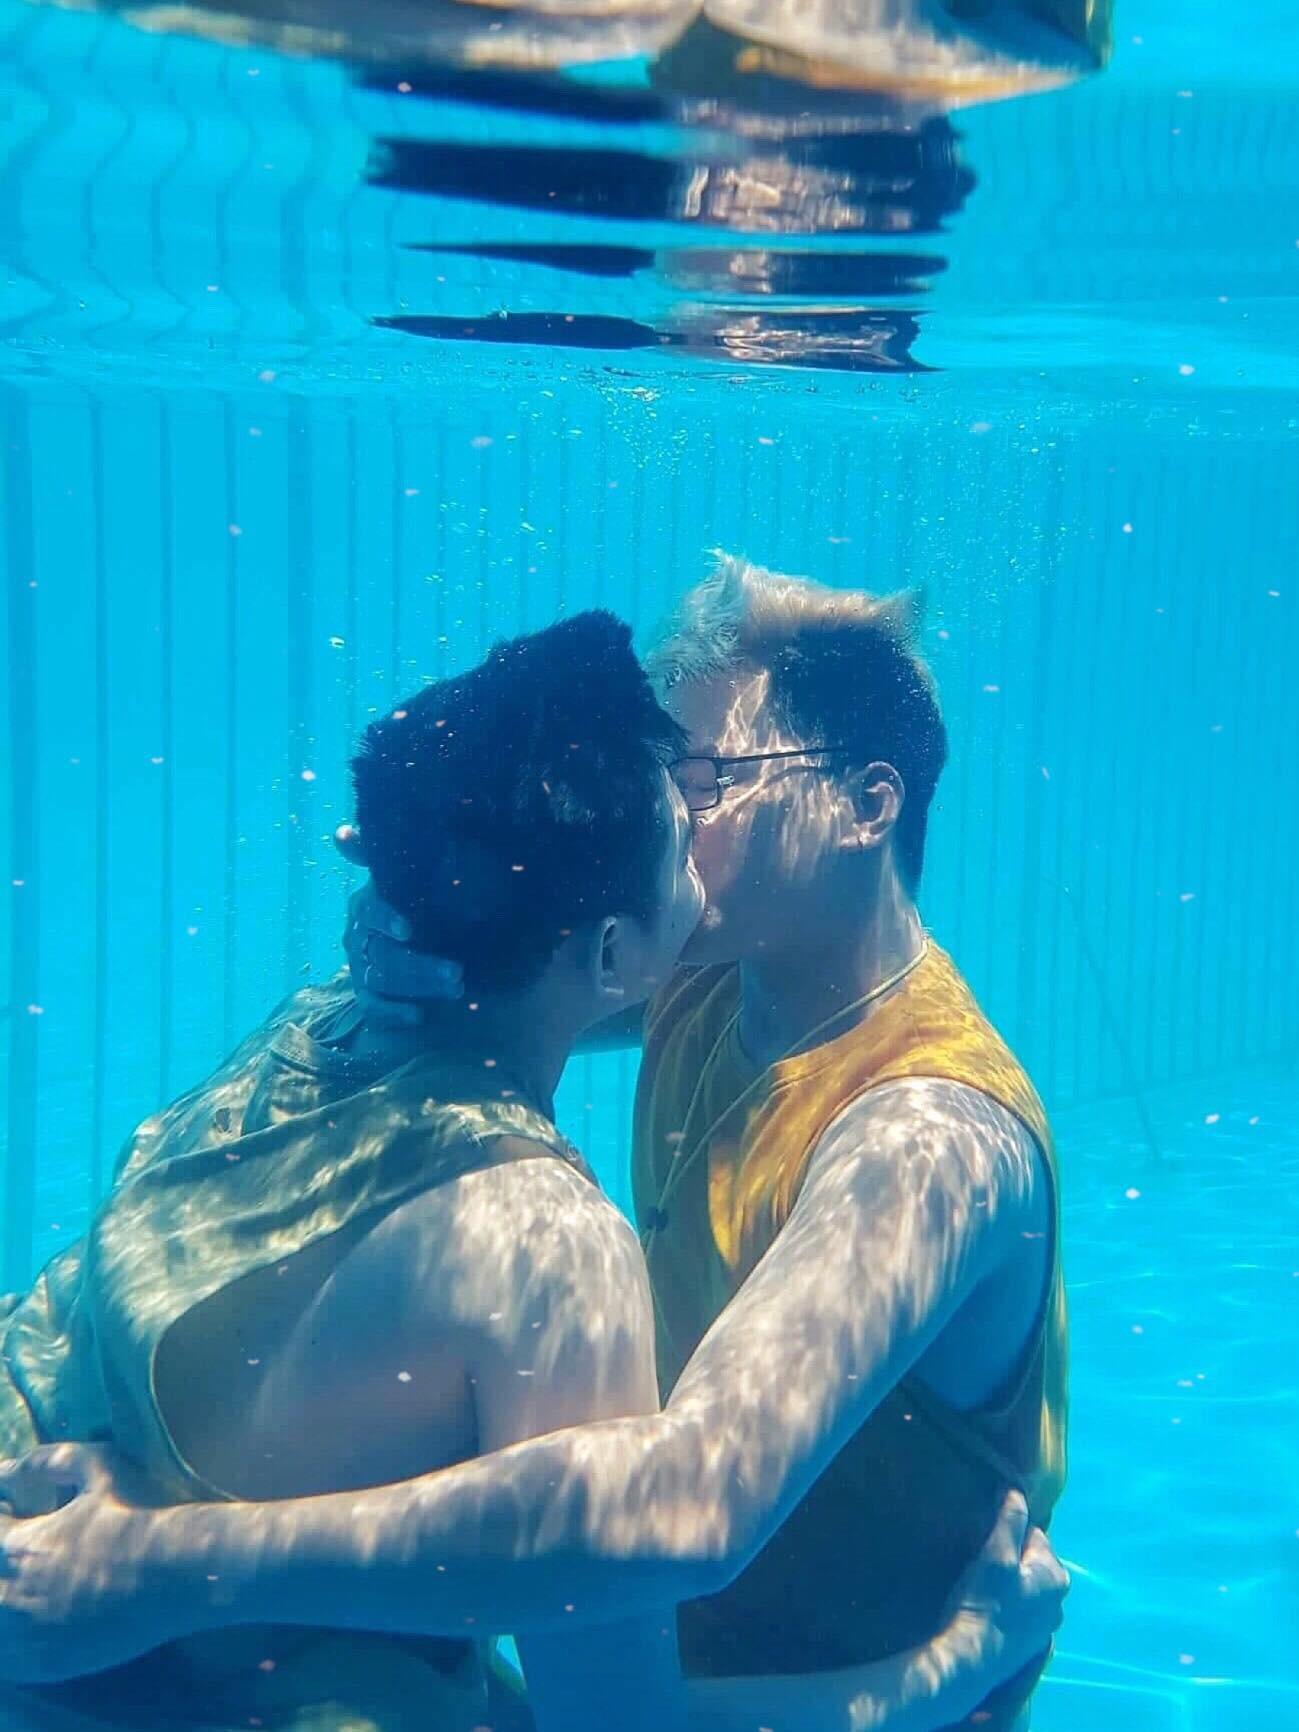 Chuyện tình cặp đồng tính nam: Tình yêu sét đánh trong lần gặp nhau đầu tiên - Ảnh 16.